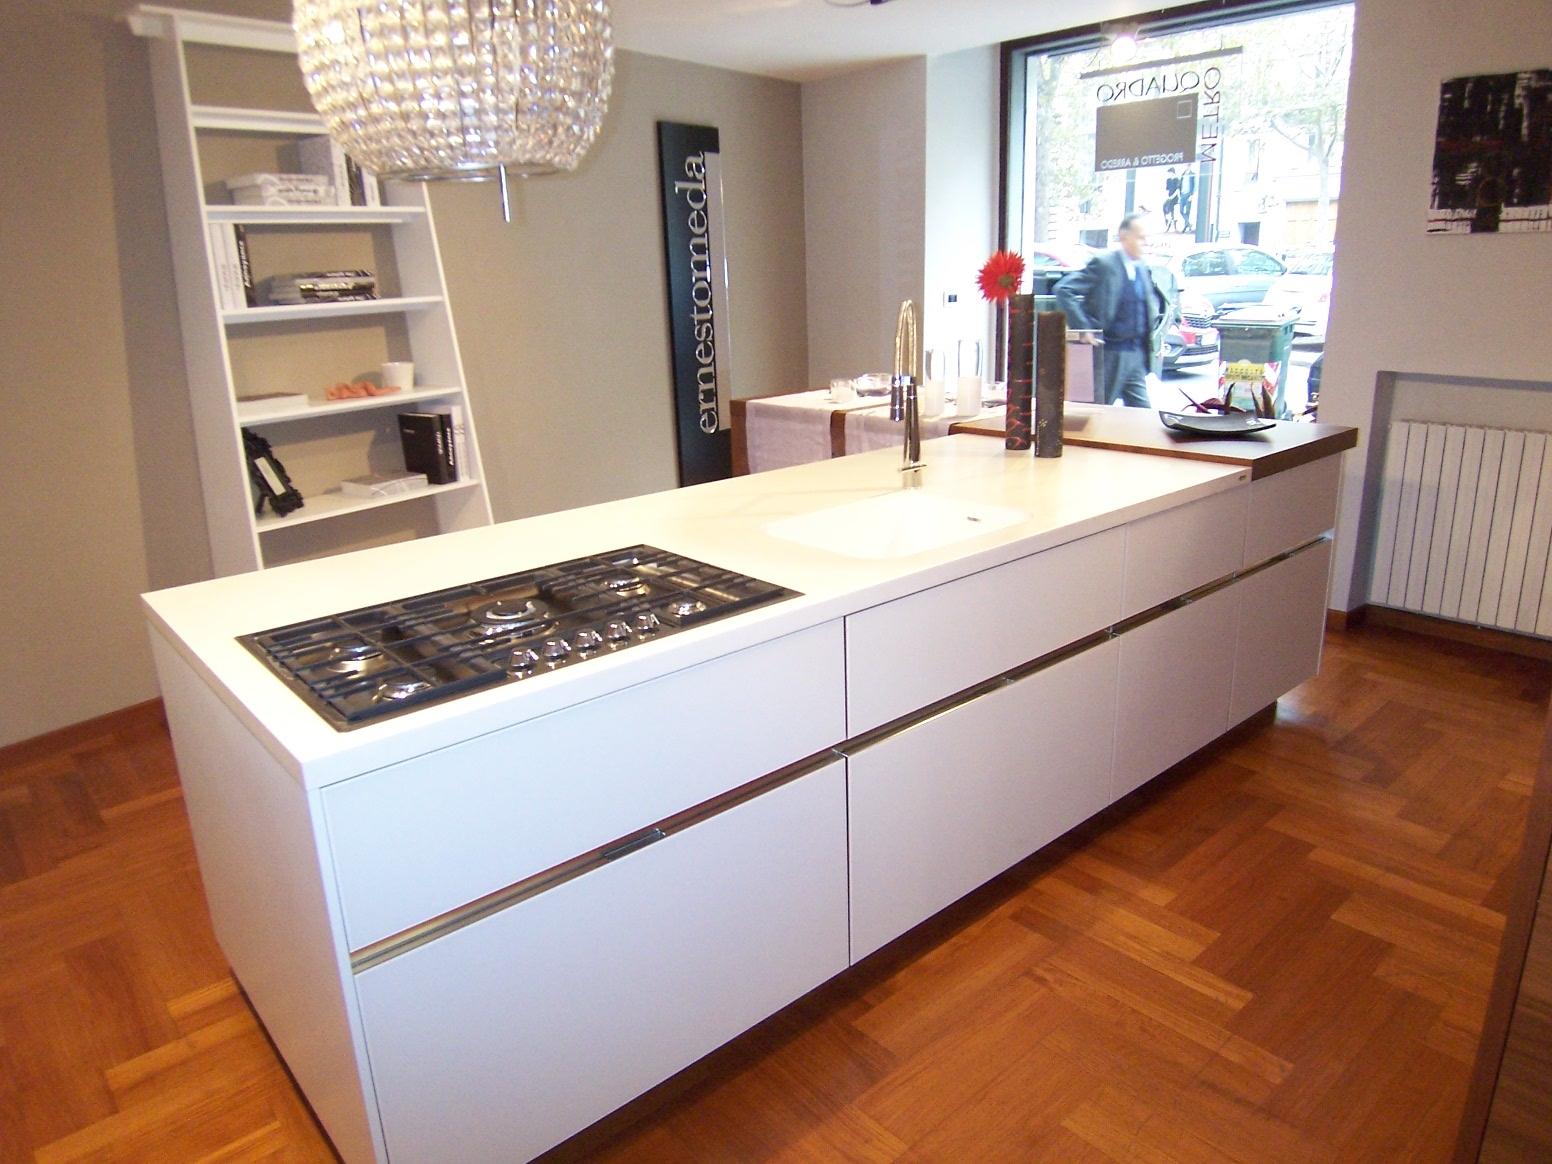 Ernesto Meda Cucine Listino Prezzi ~ idee di design per la casa